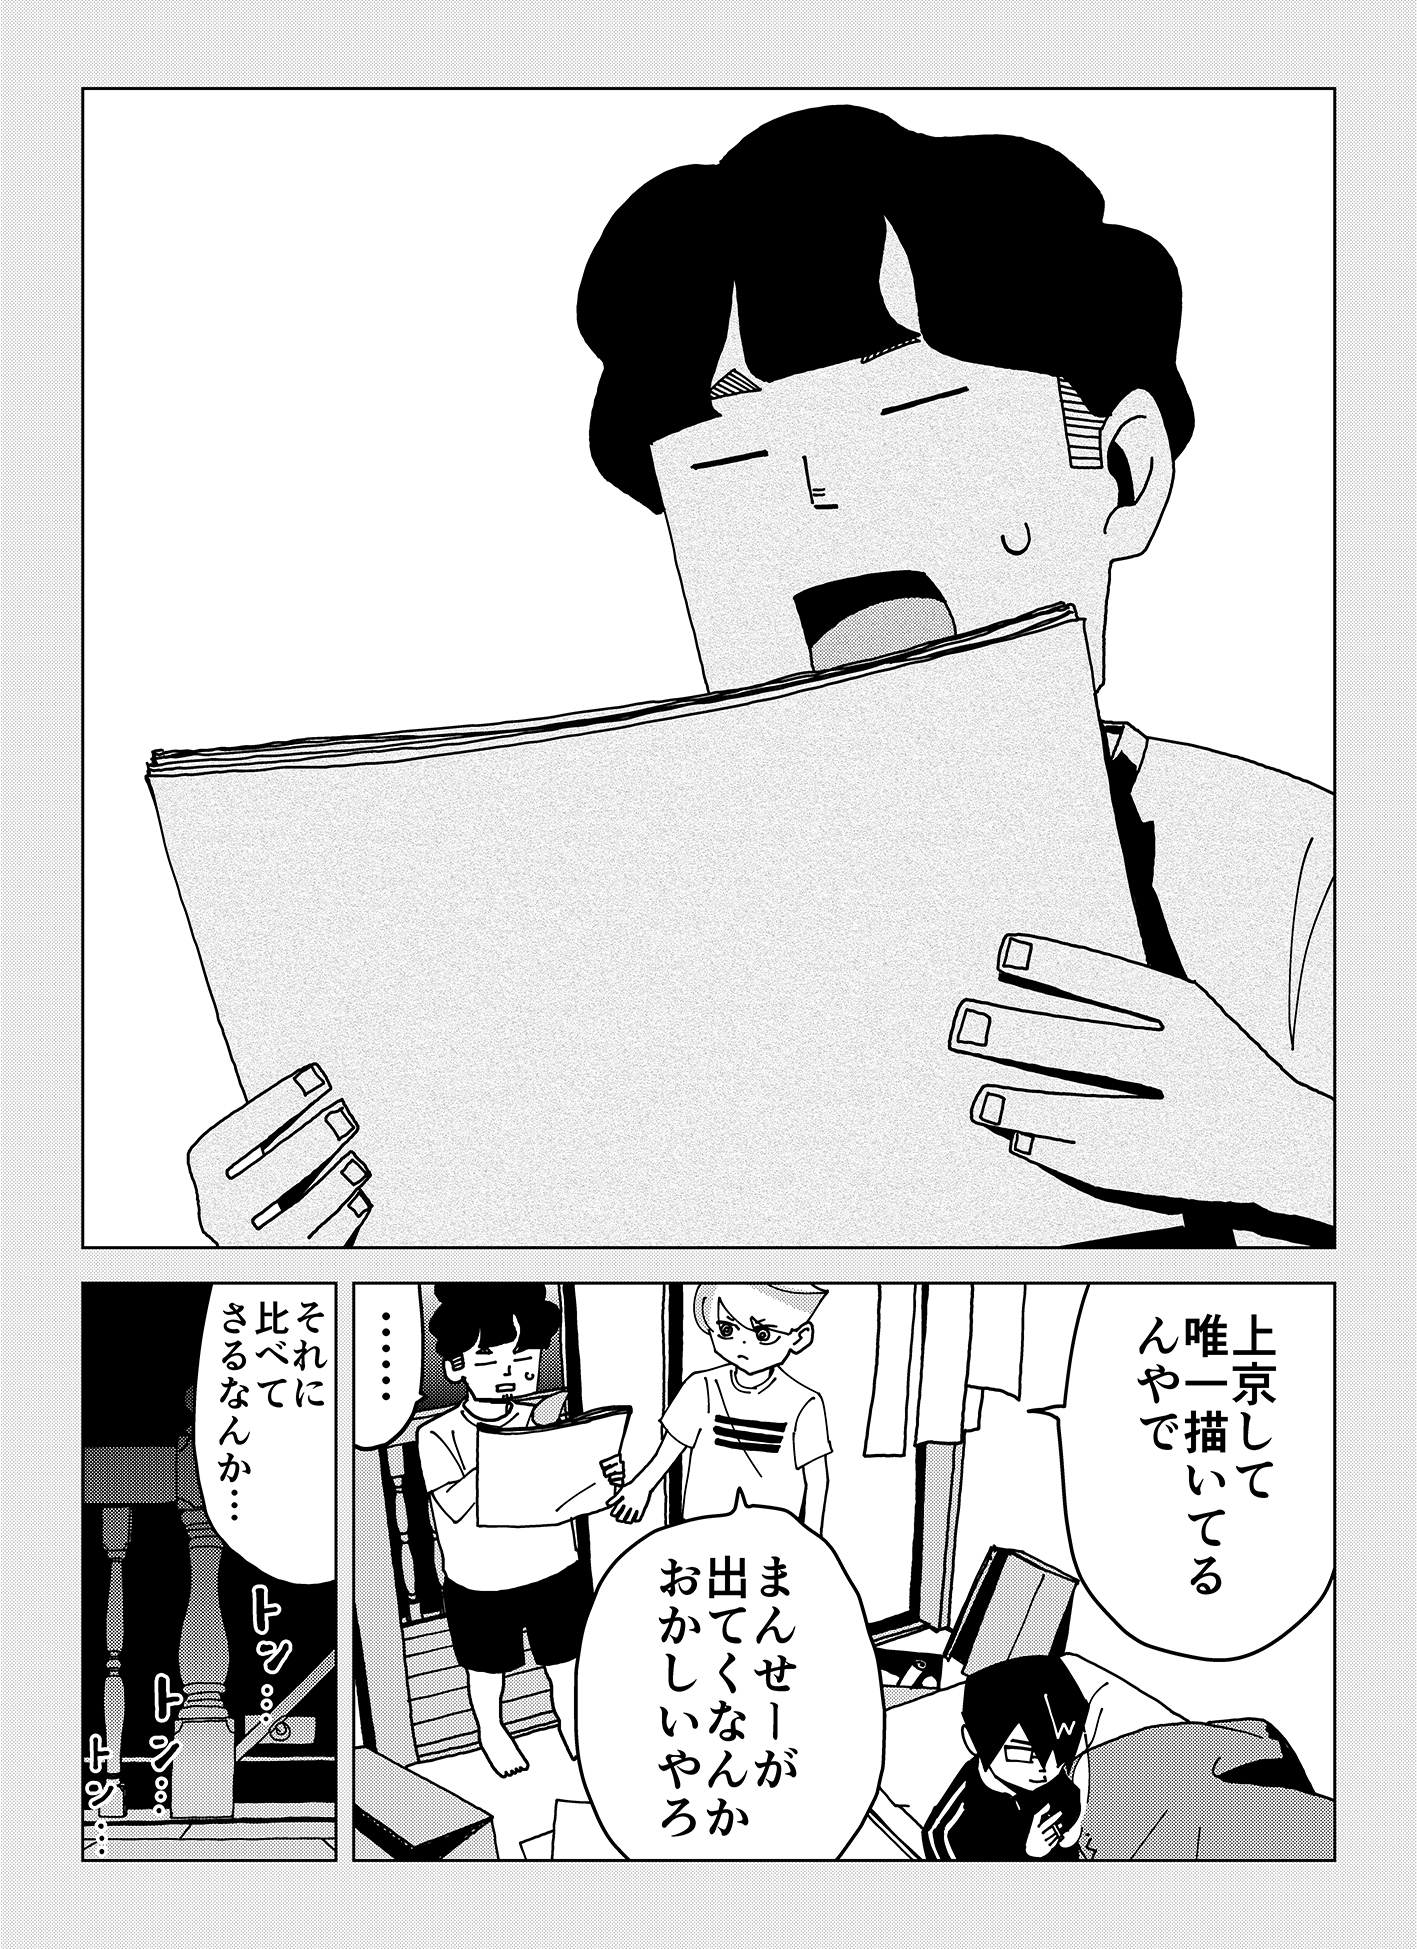 share_09_004